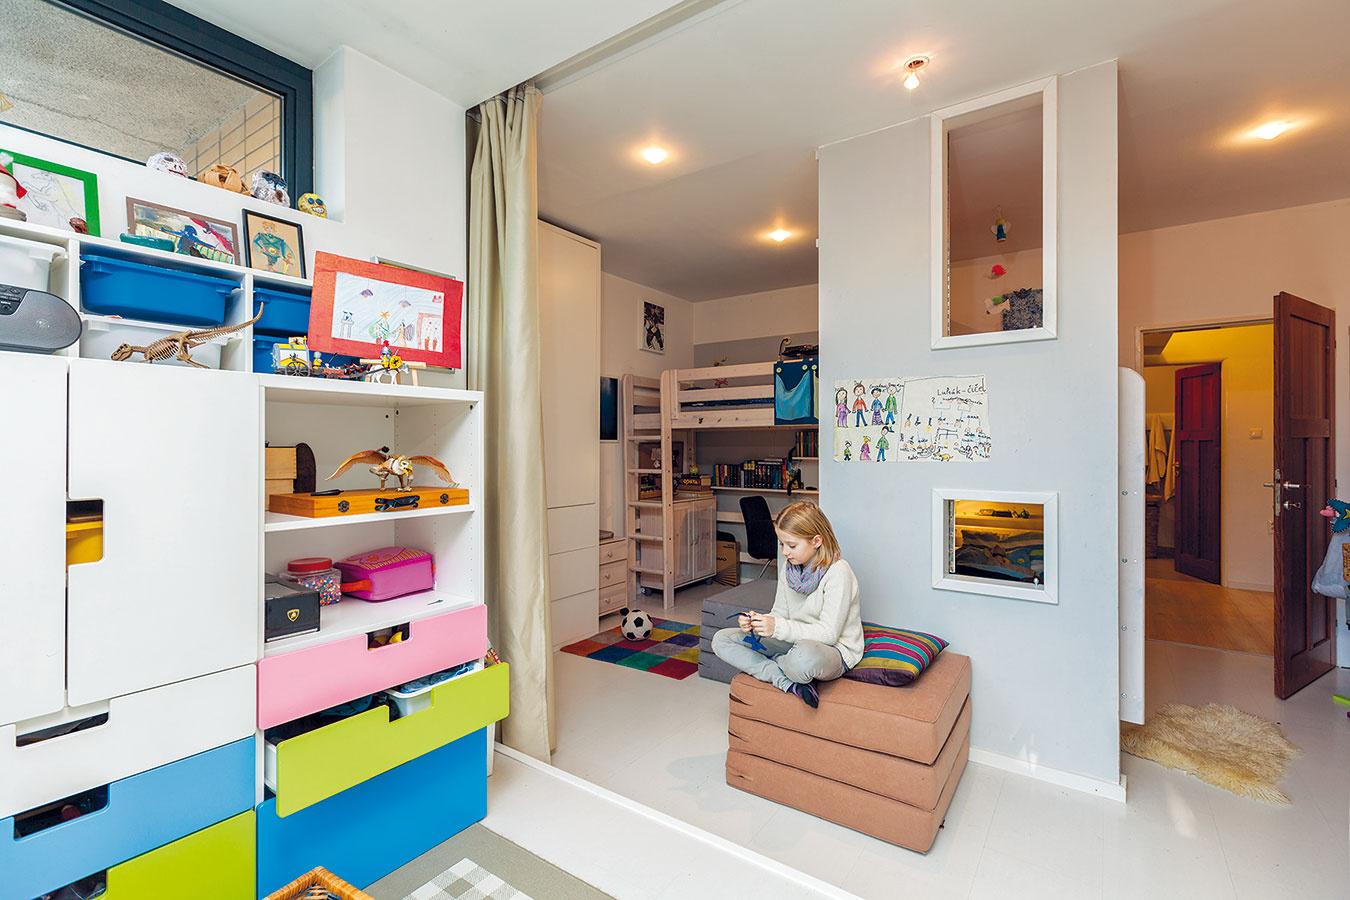 Detskú izbu, ktorú obývajú tri deti rôzneho veku ipohlavia, poňala majiteľka aarchitektka vjednej osobe ako mesto. Chcela, aby malo každé dieťa svoje súkromie, atak sa steny neobstavali posteľami, ale vybudovala sa praktická priečka.